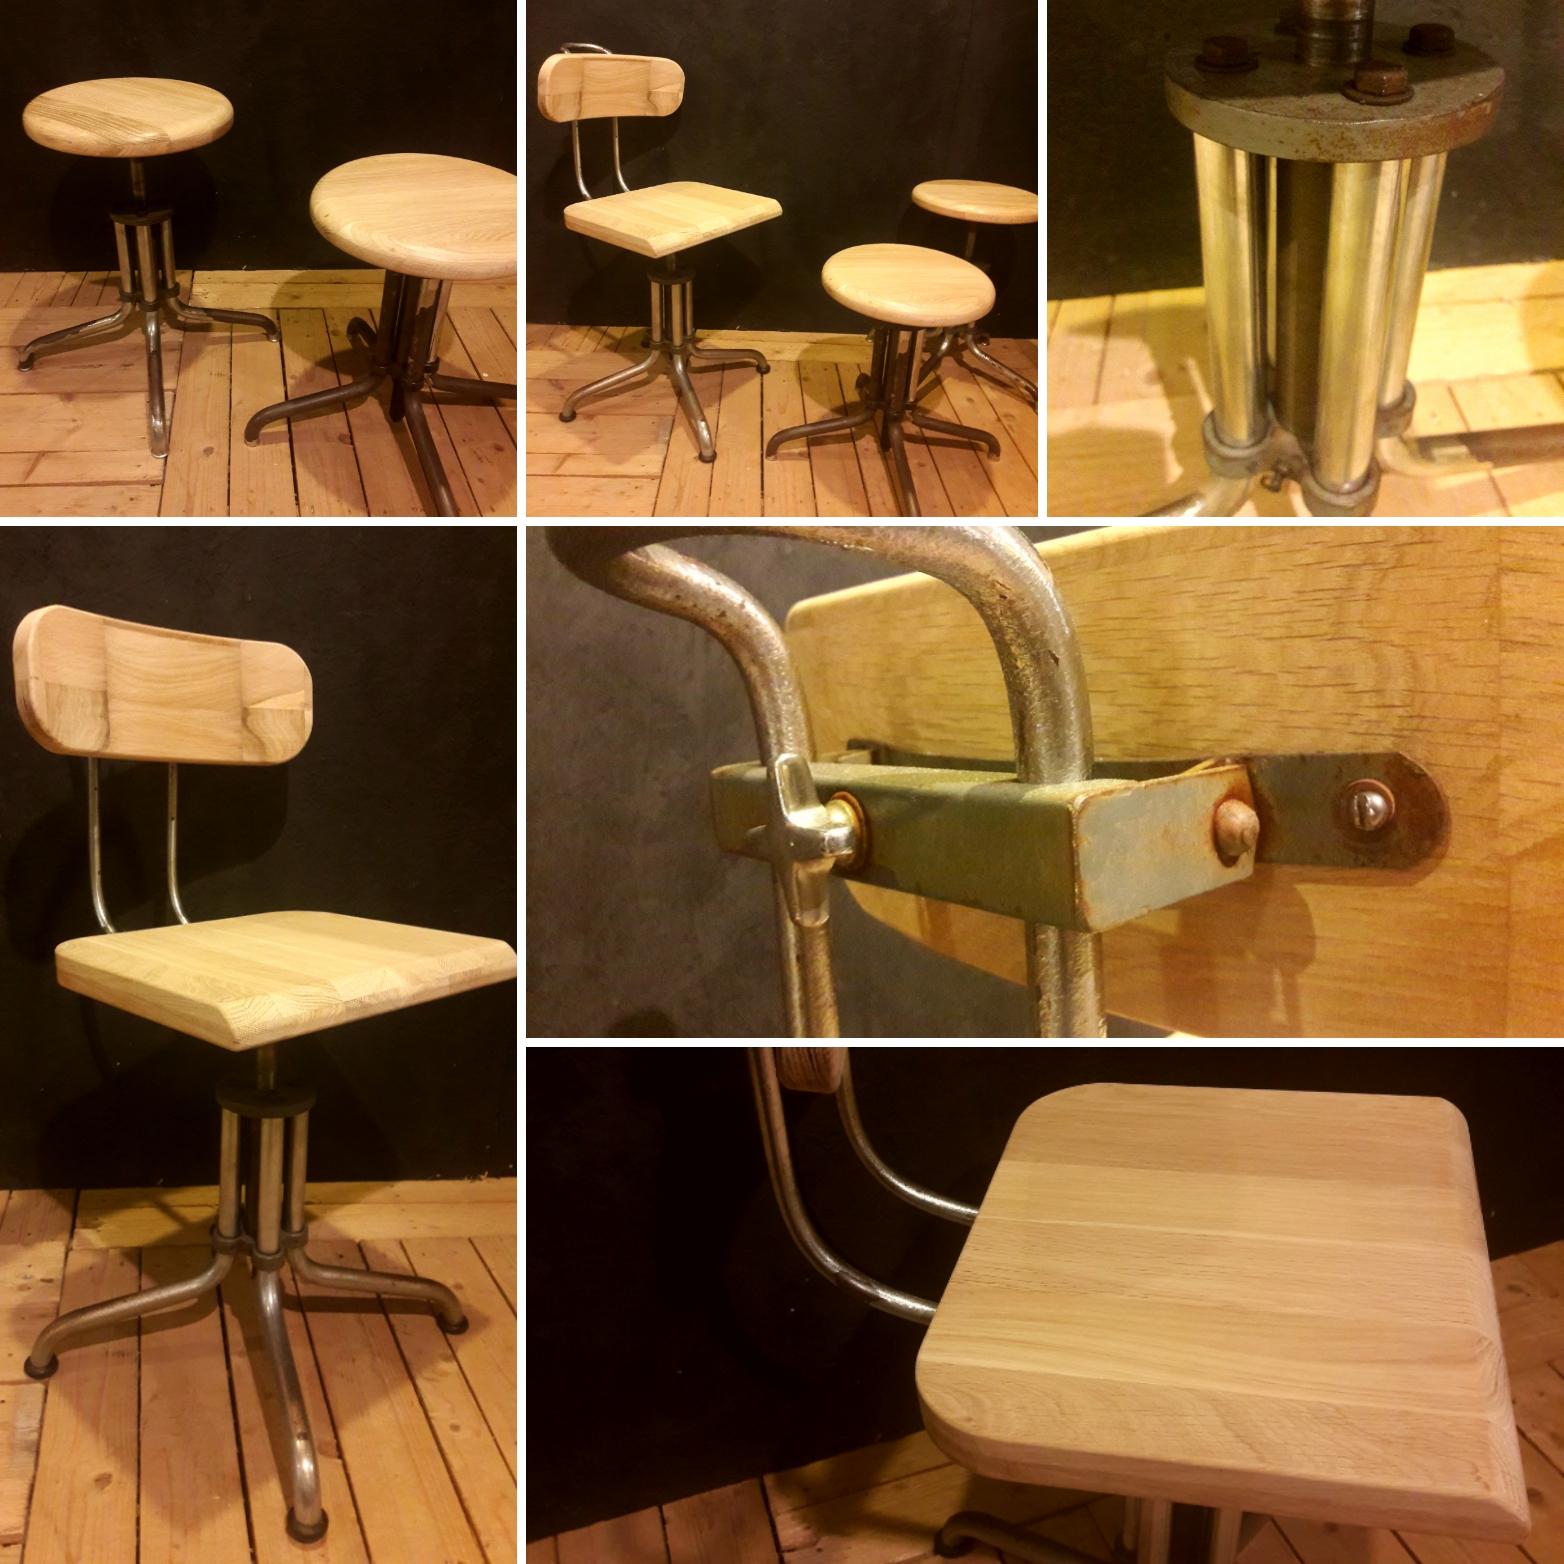 Dutch Design Stoelen Gispen.Set Van Gispen Krukken En Gispen Stoel Atelier Nosh